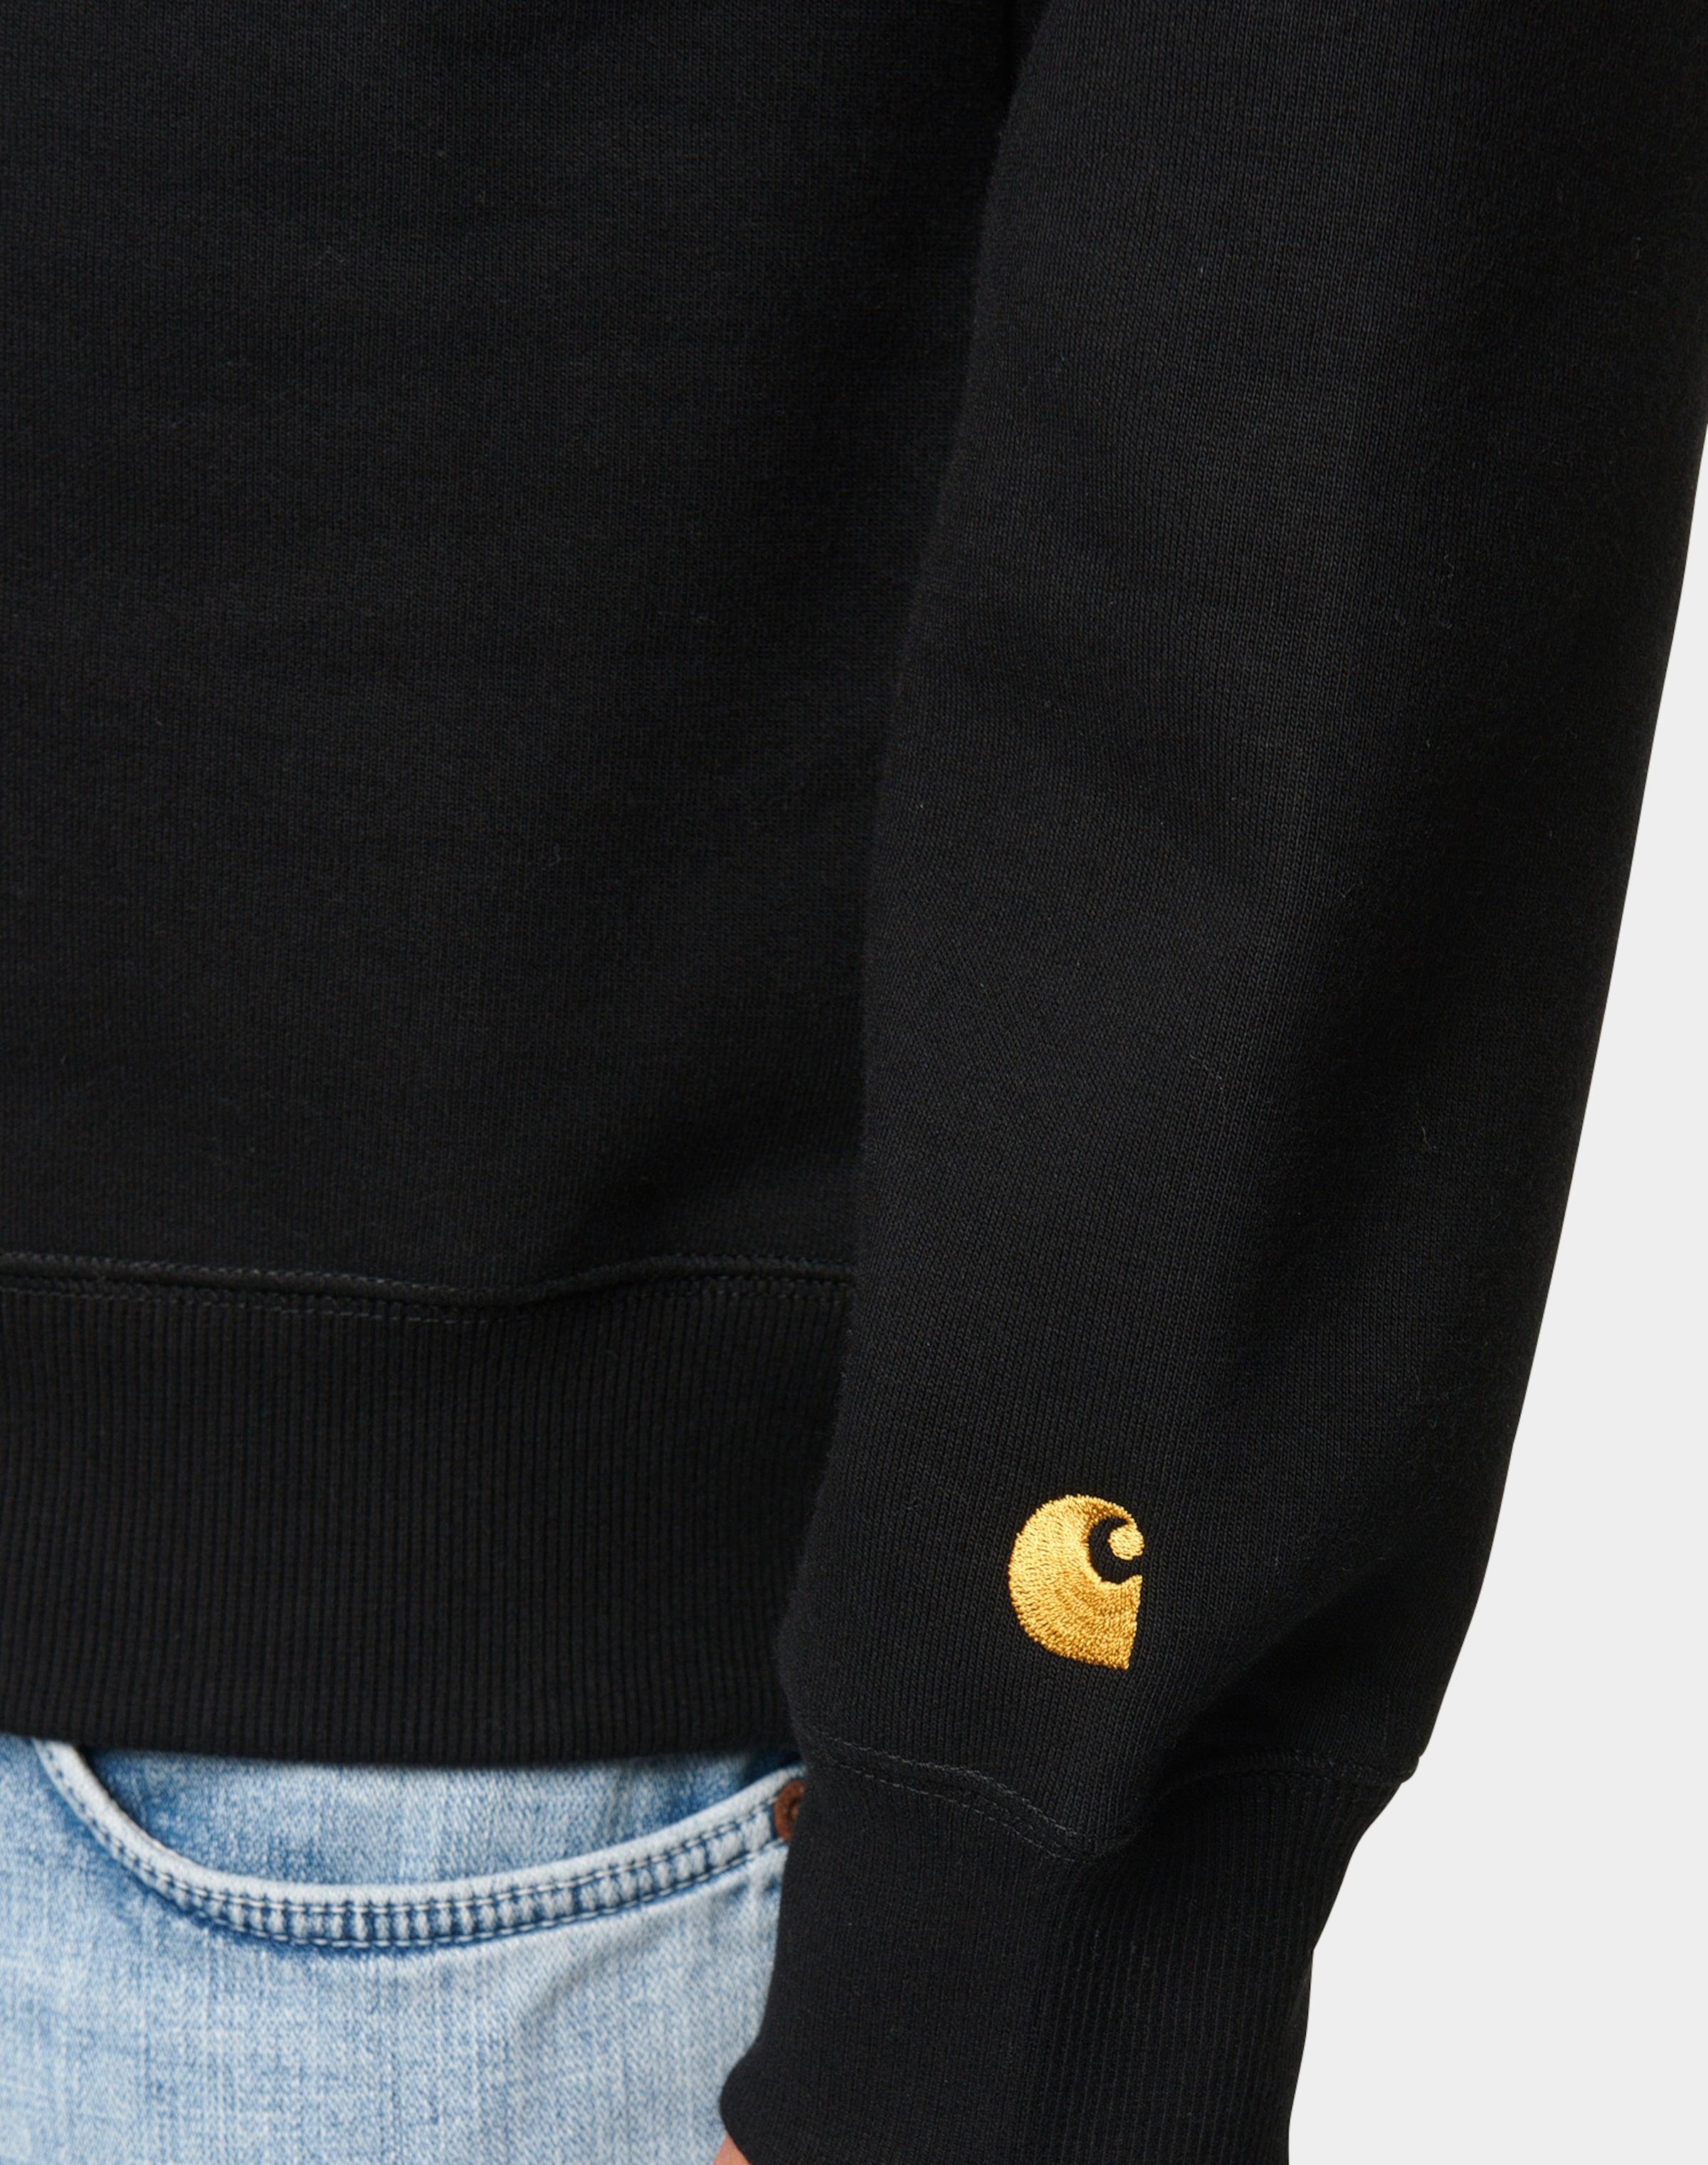 Billigpreisnachlass Authentisch Günstigsten Online Carhartt WIP Sweatshirt 'Chase' Billige Nicekicks Rabatt Zahlung Mit Visa Bl6uY